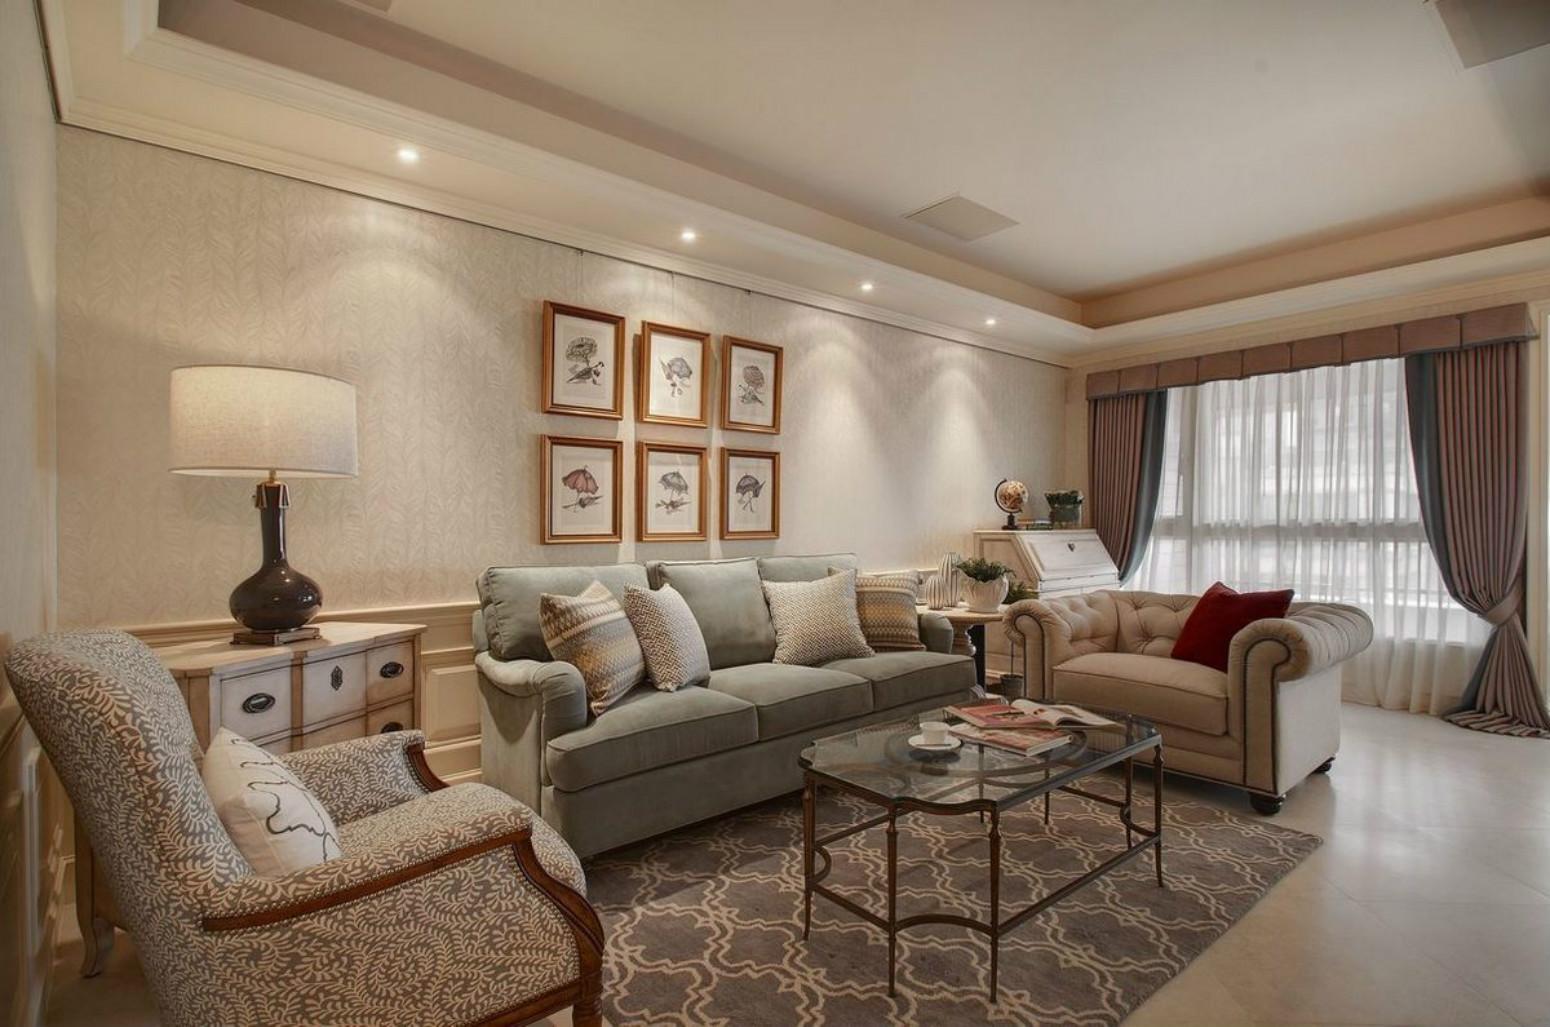 装饰画给整体简洁素净的客厅加入活泼热情的氛围